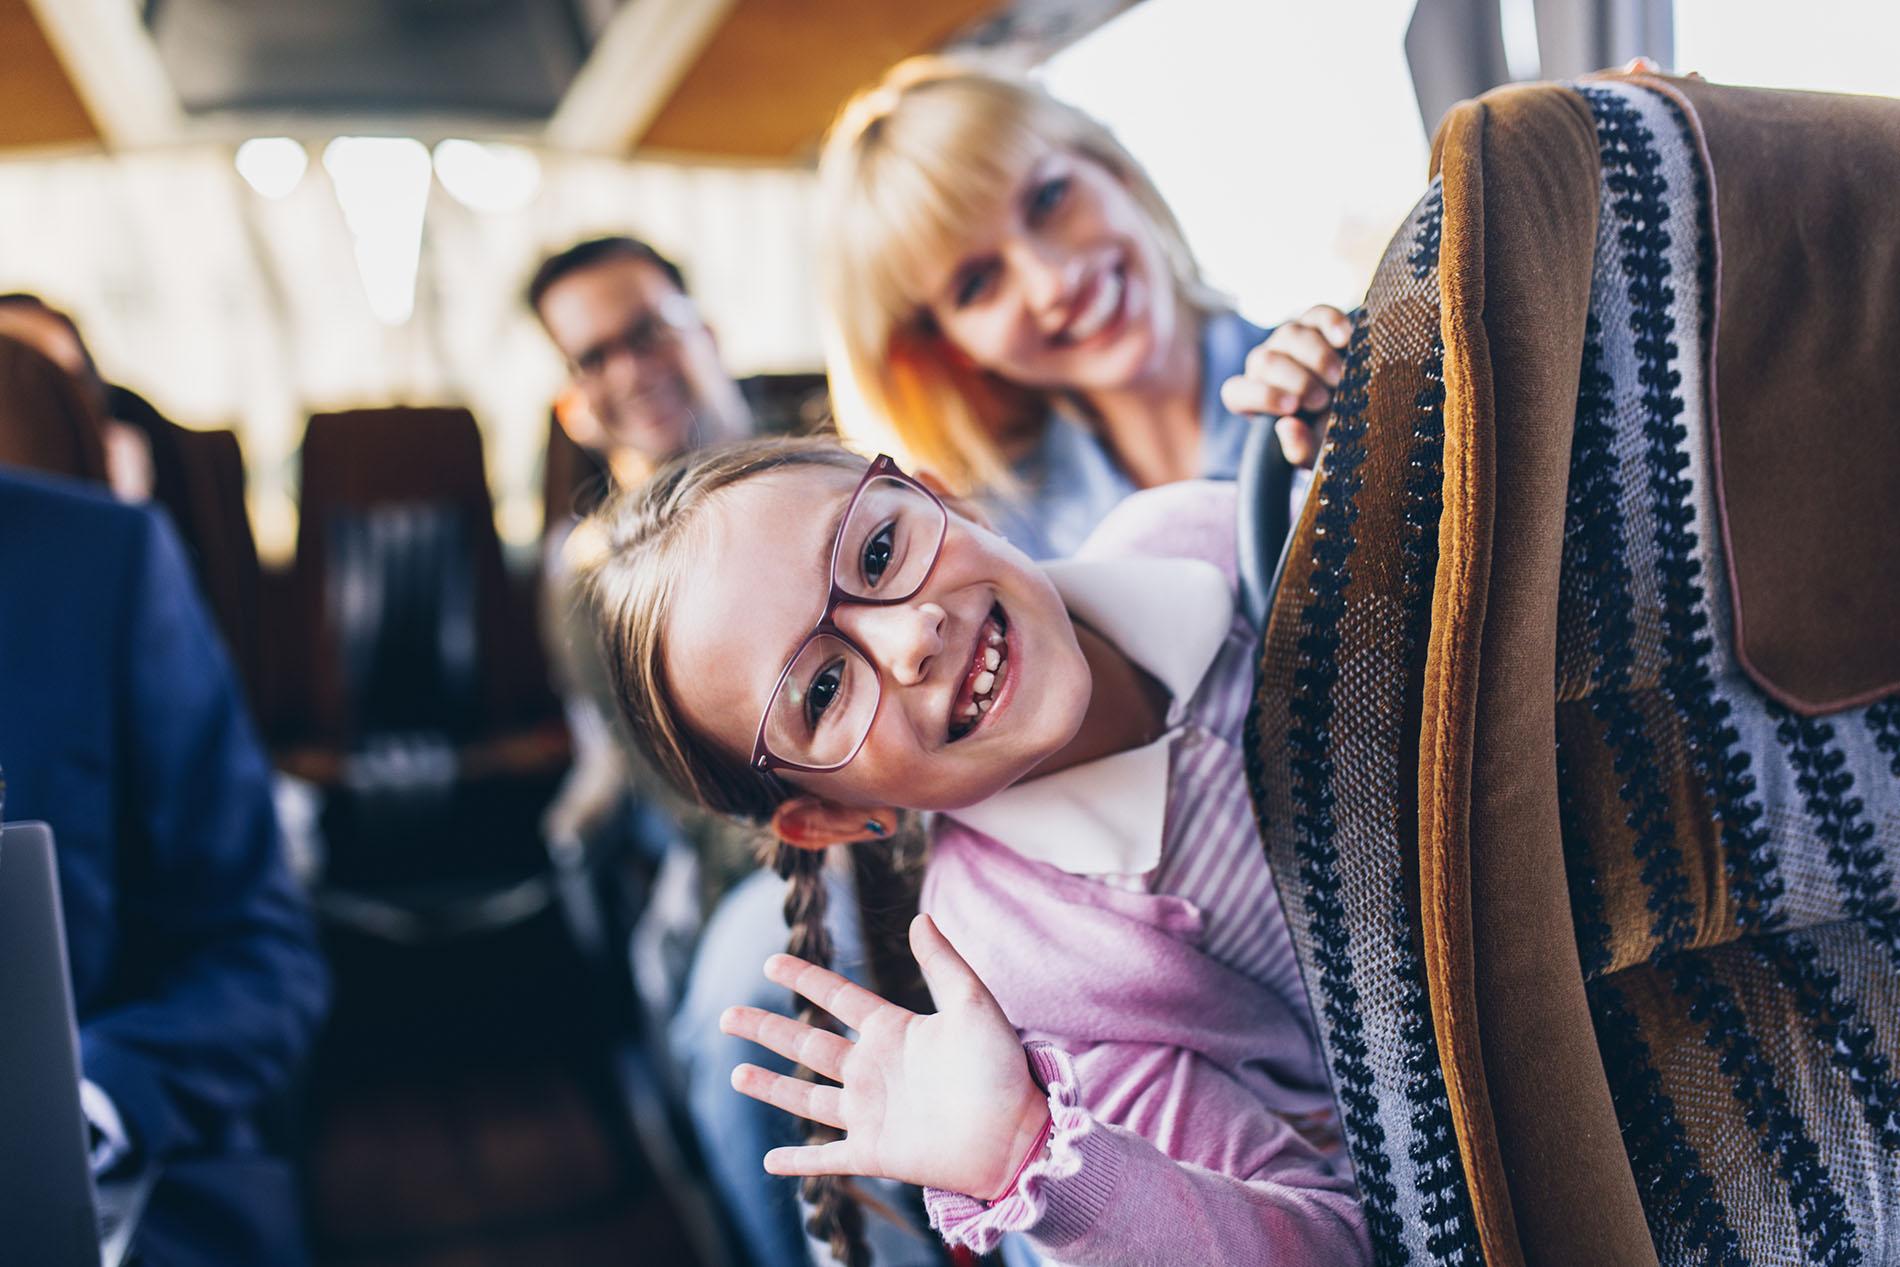 Как путешествовать с ребенком: подготовка к поездке, правила и полезные советы